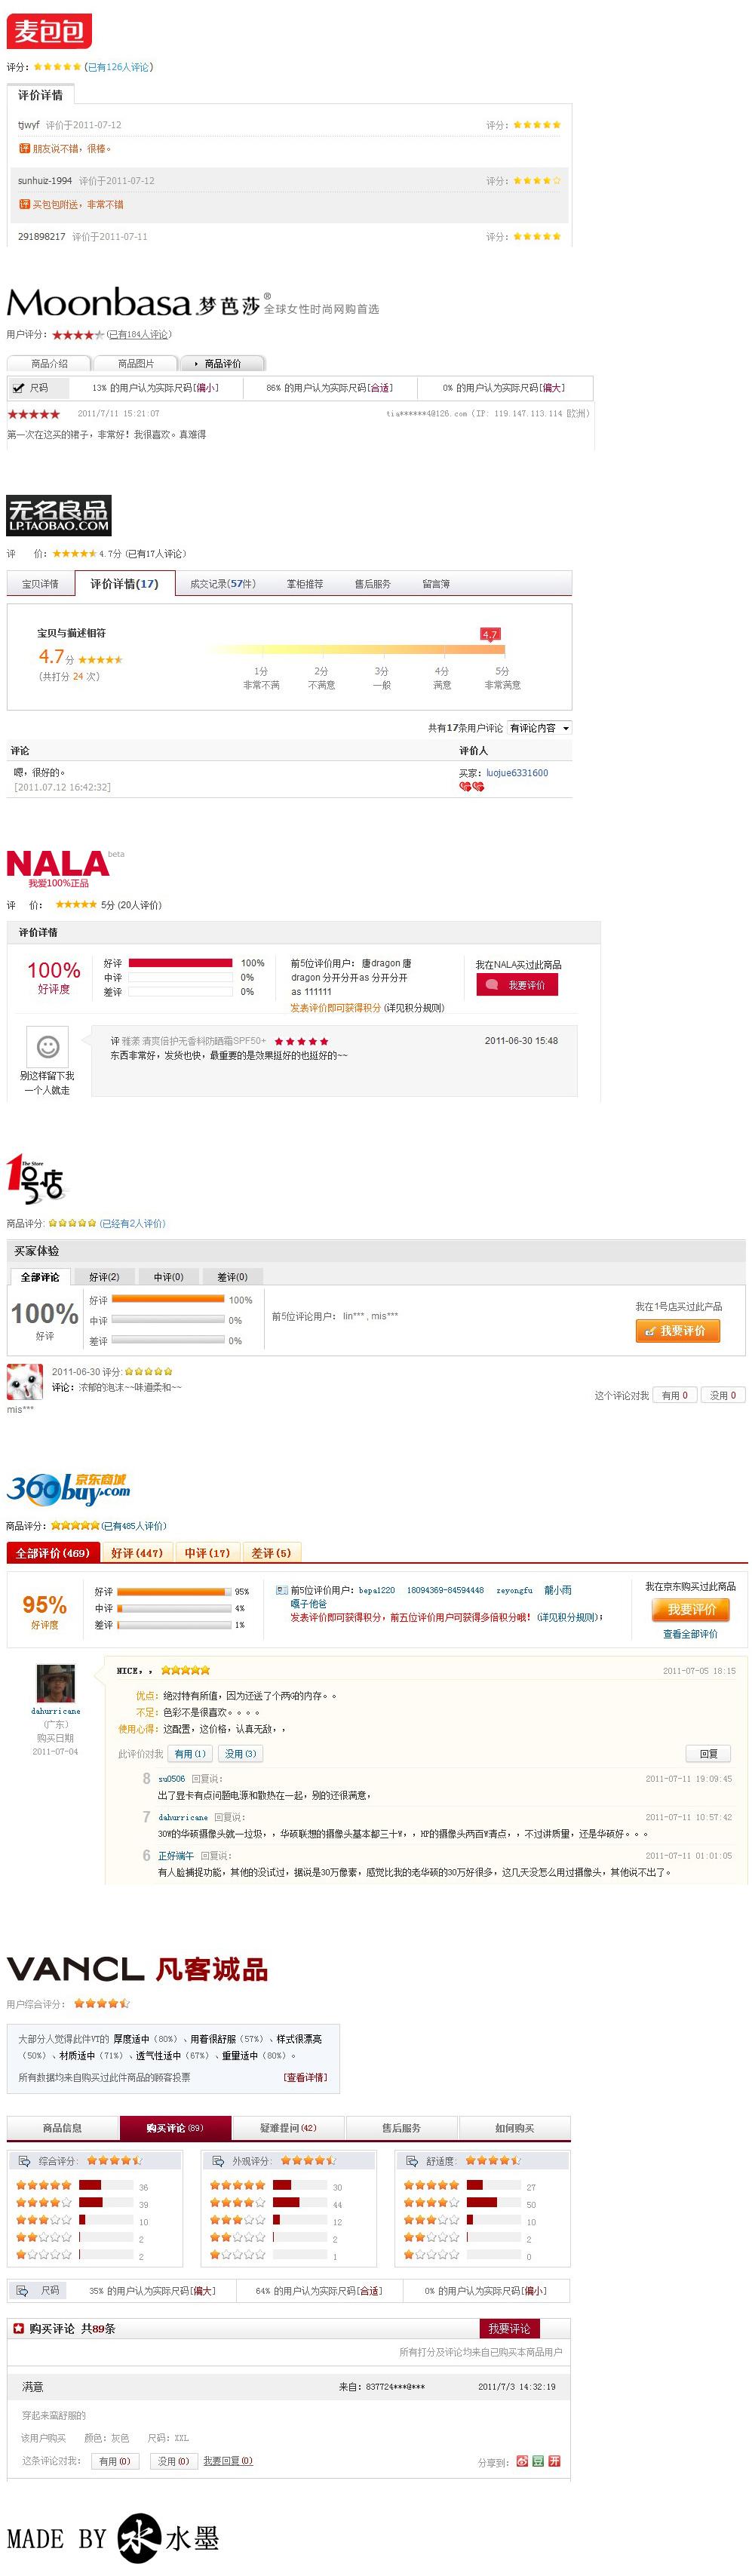 商品评价 电商网站商品评价模块设计